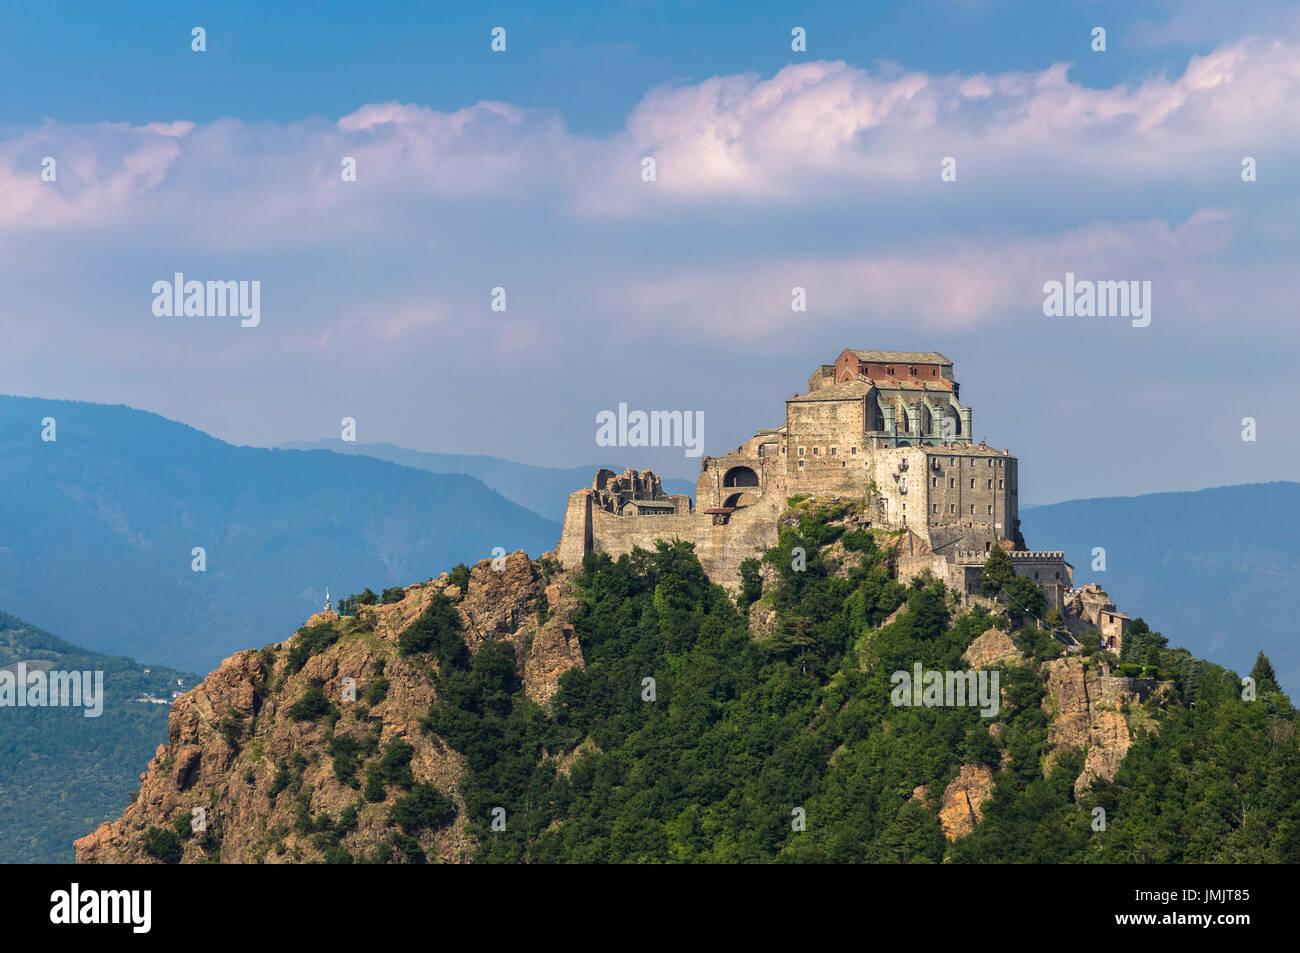 Blick auf das Kloster genannt Sacra di San Michele, Symbol ...